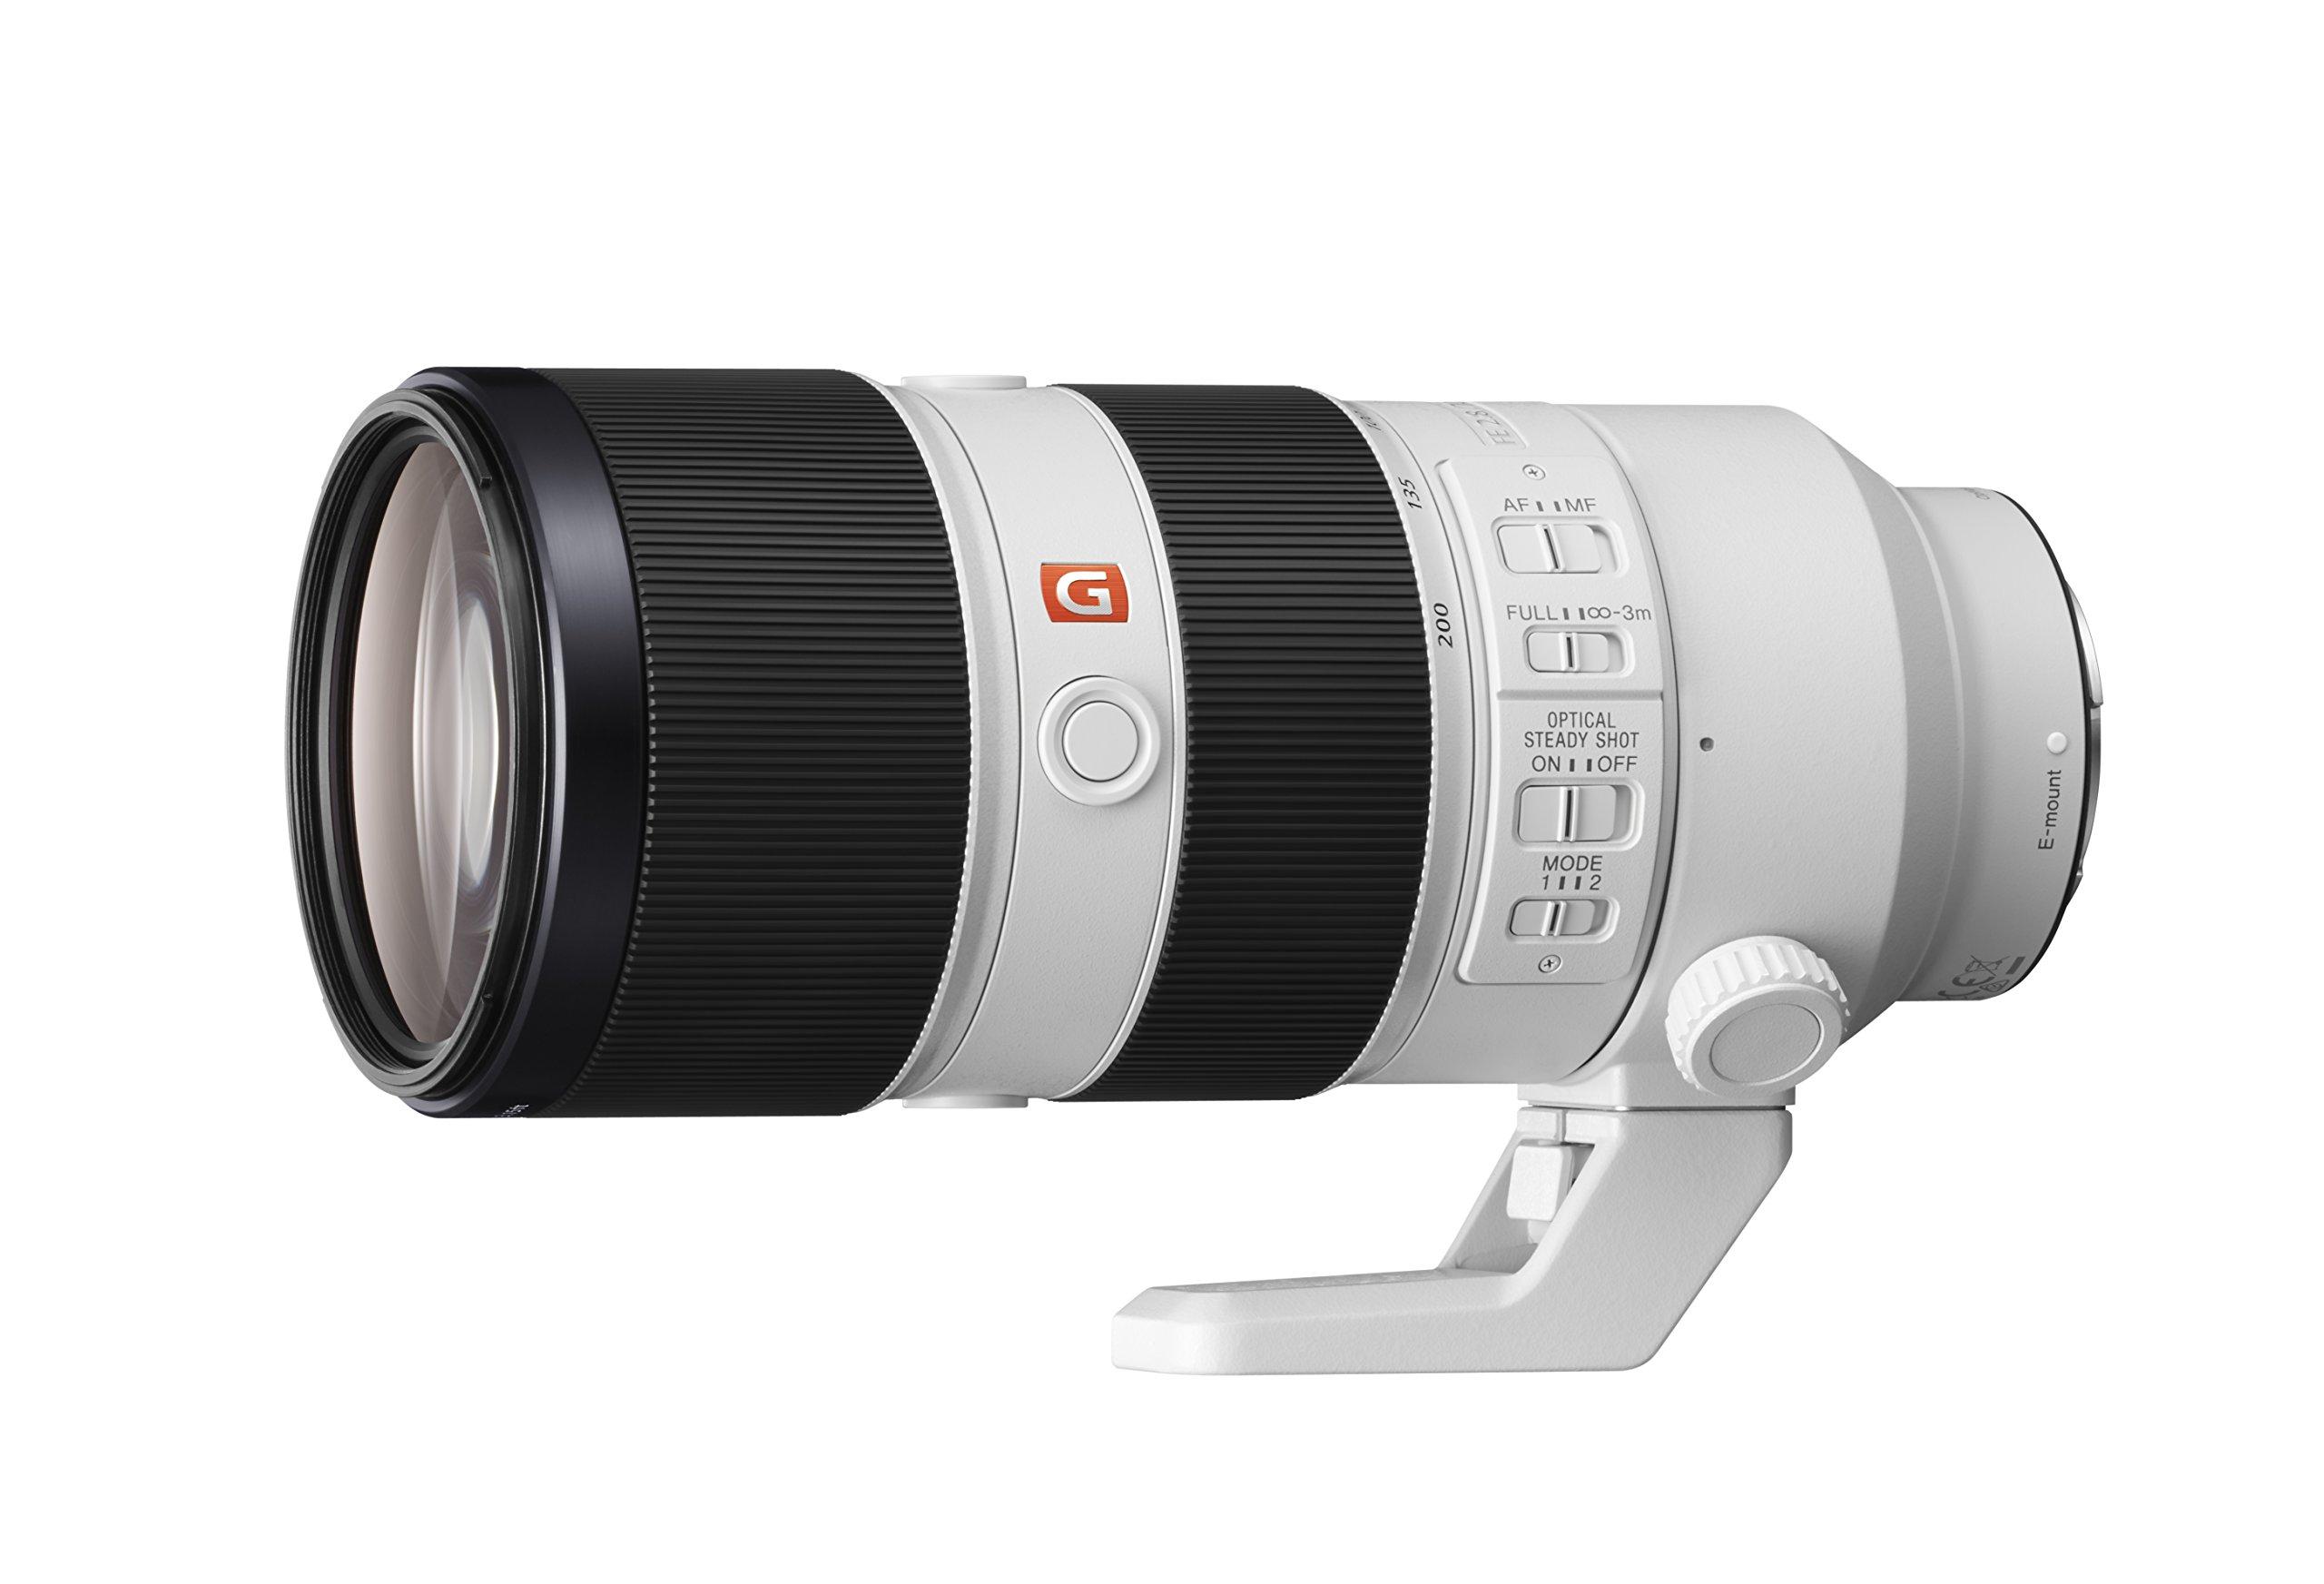 Sony FE 70-200mm f/2.8 GM OSS Lens by Sony